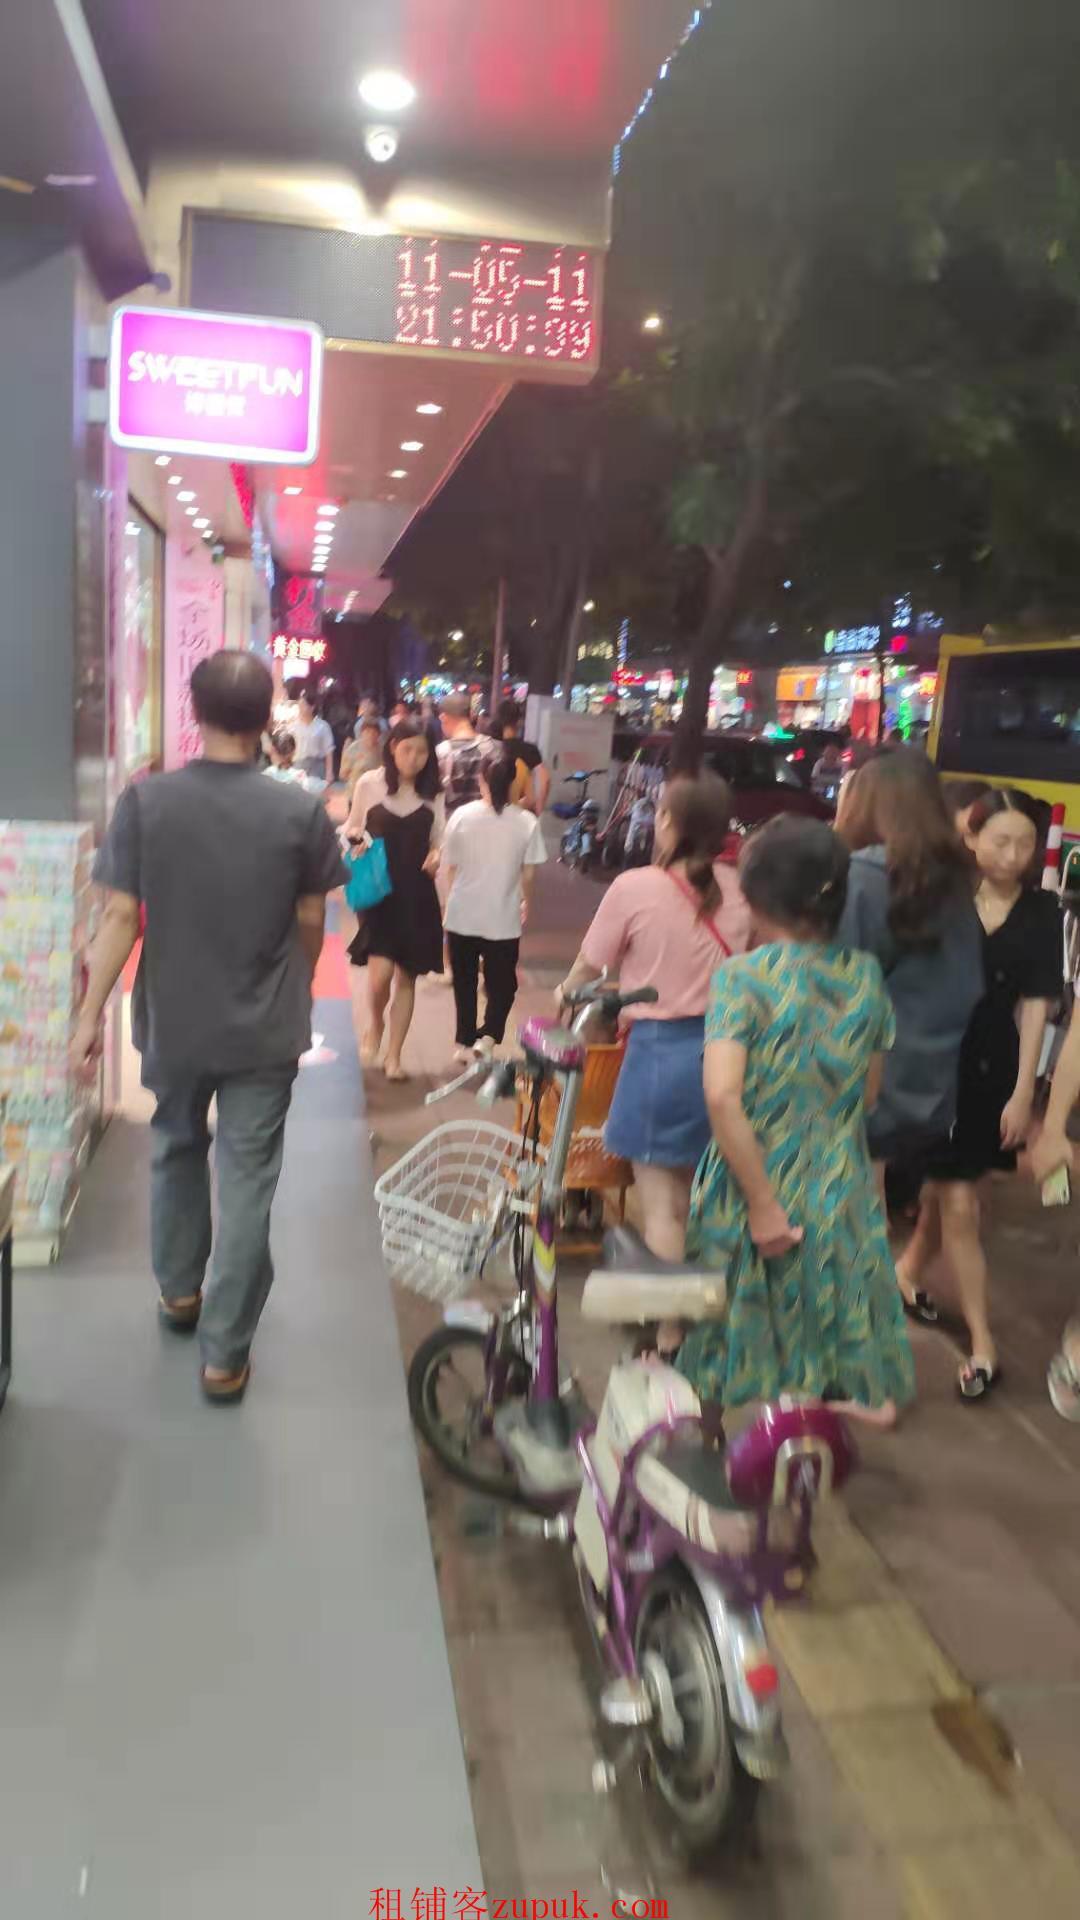 天河地铁旁沿街门面 奶茶烧烤小吃麻辣烫快餐猪脚饭炸鸡汤粉面等